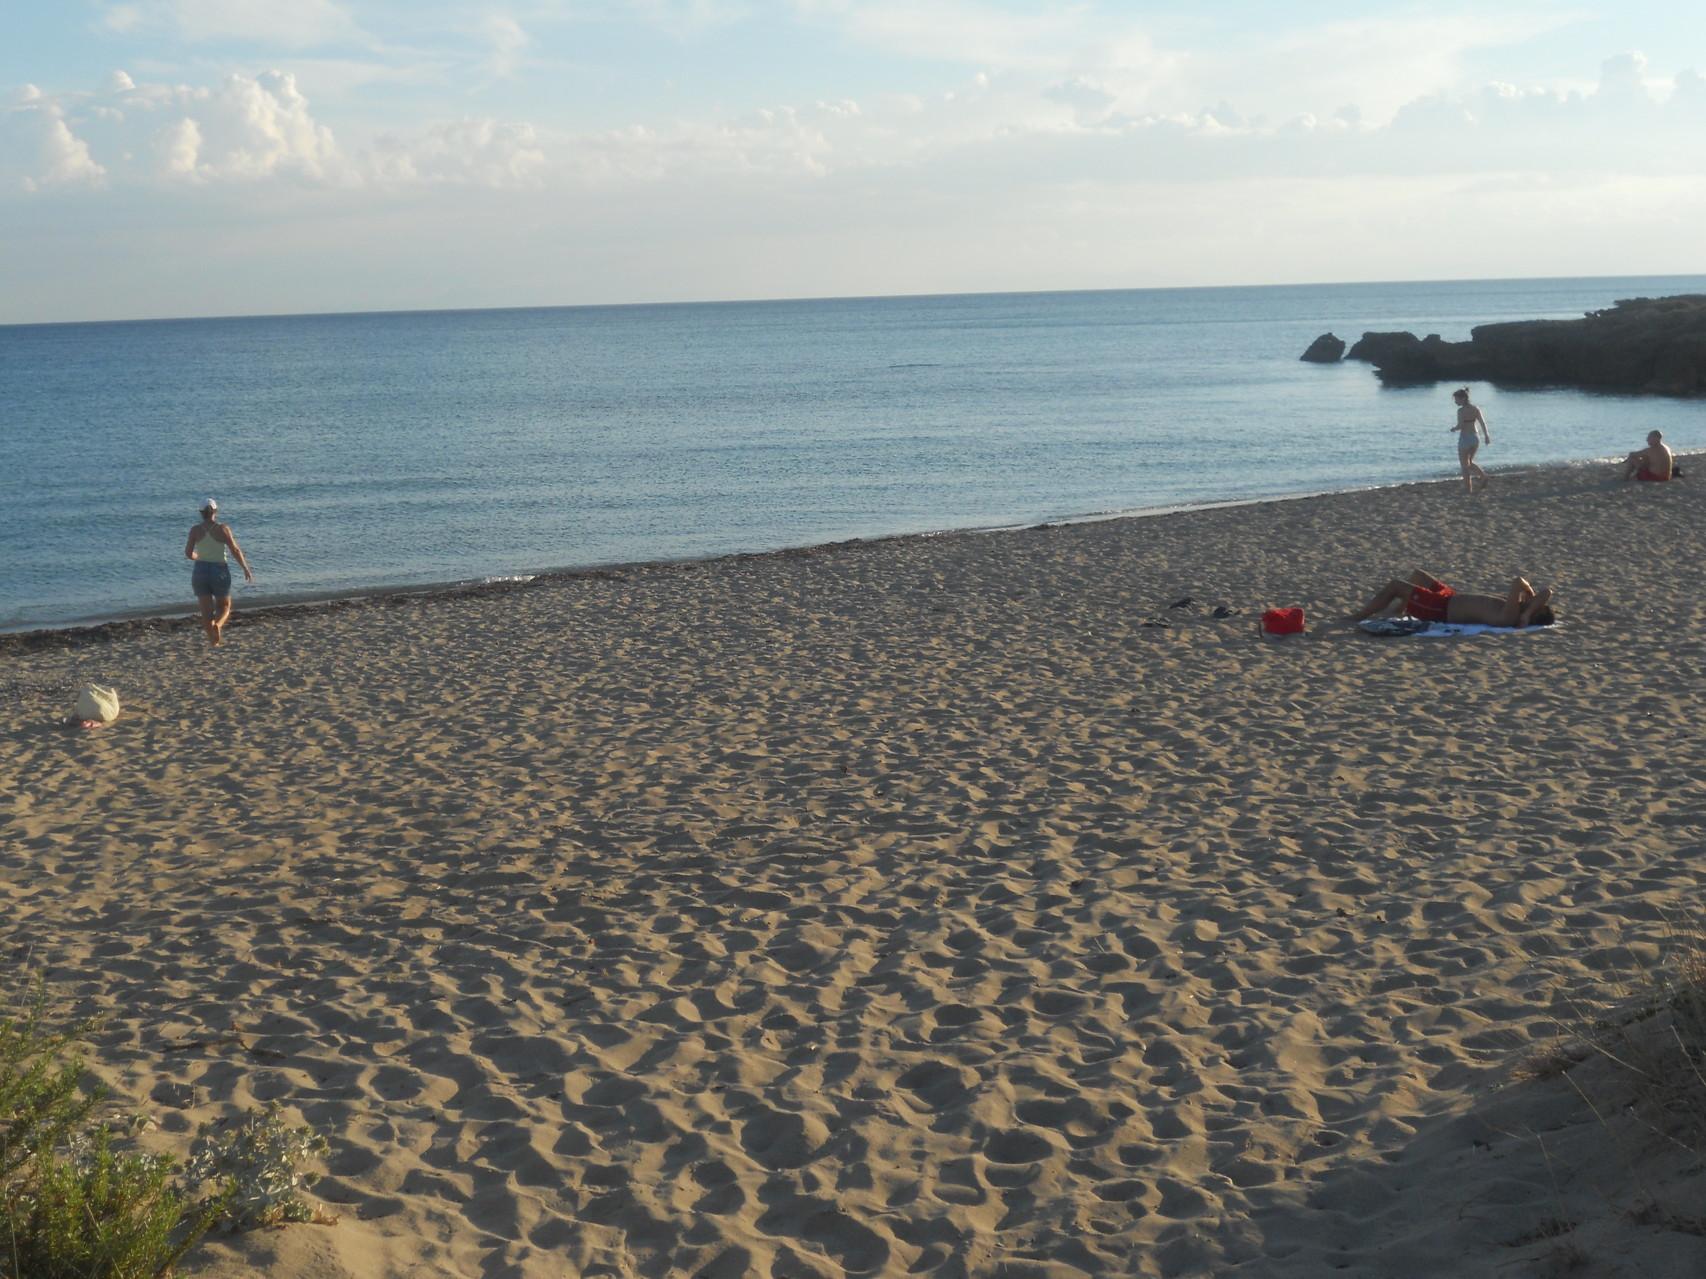 Spiaggia ad 1 km dall'appartamento h 19.